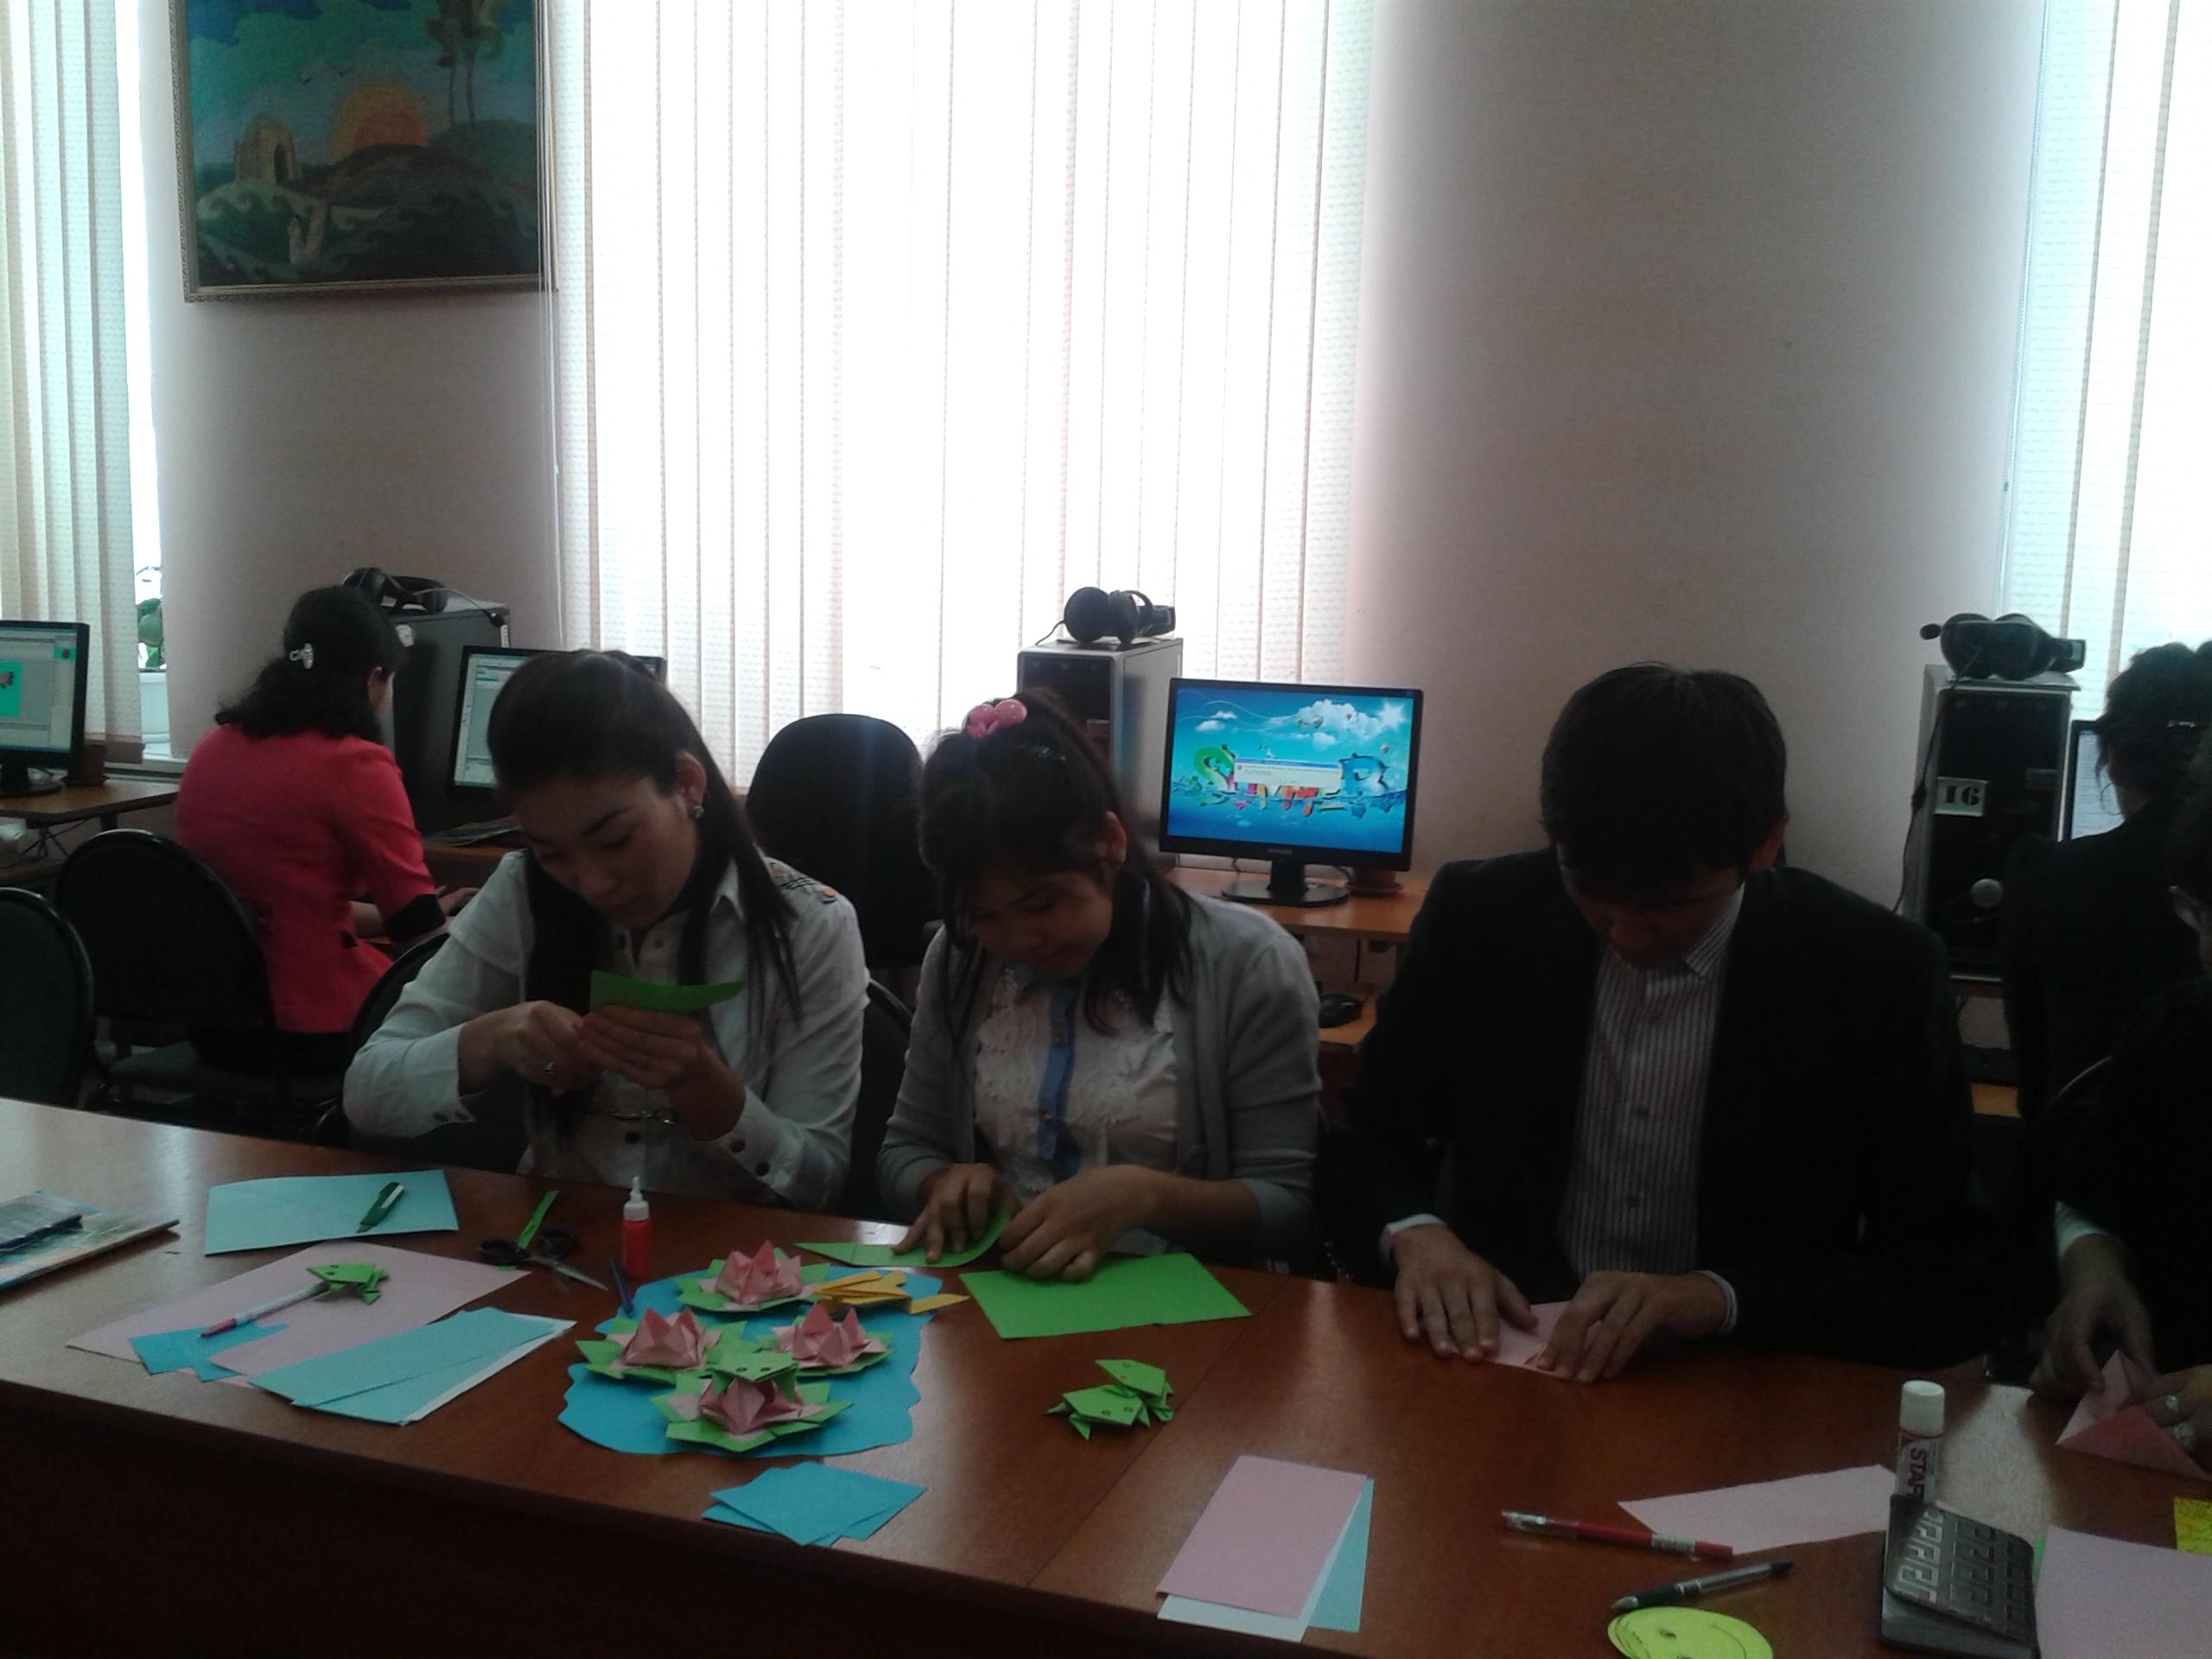 D:\19\55400\урок оригами анимация\Фото урок\20130222_120701.jpg